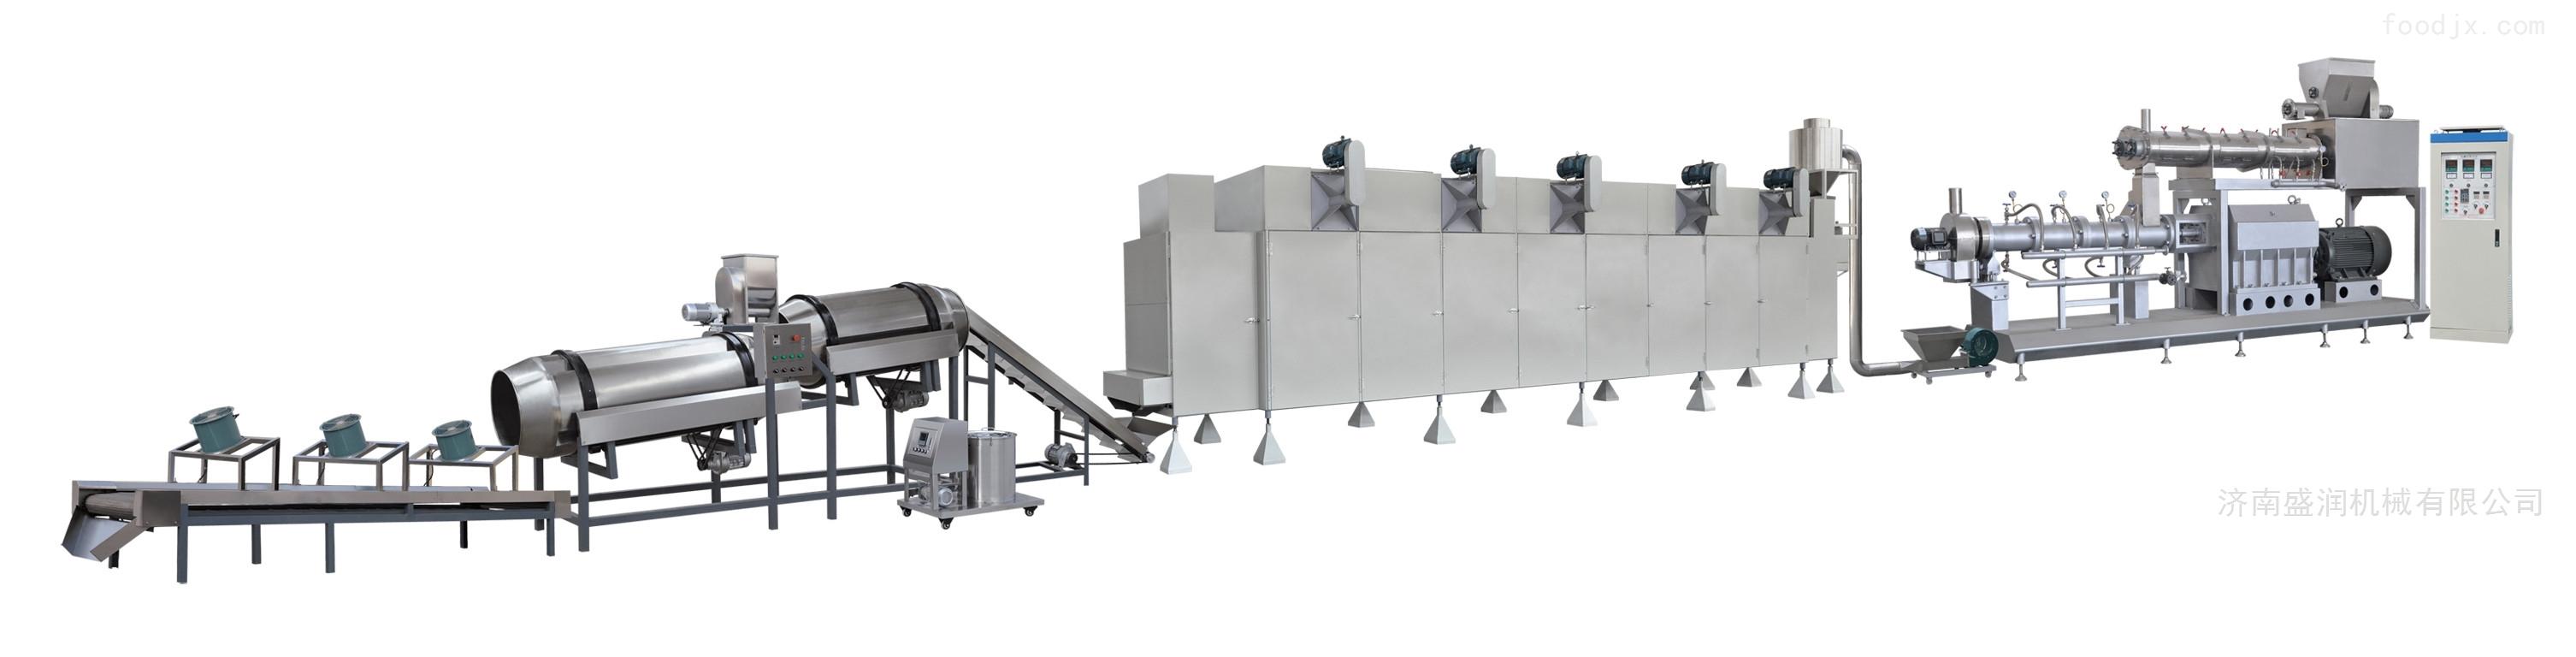 多功能电烤箱可配置生产线